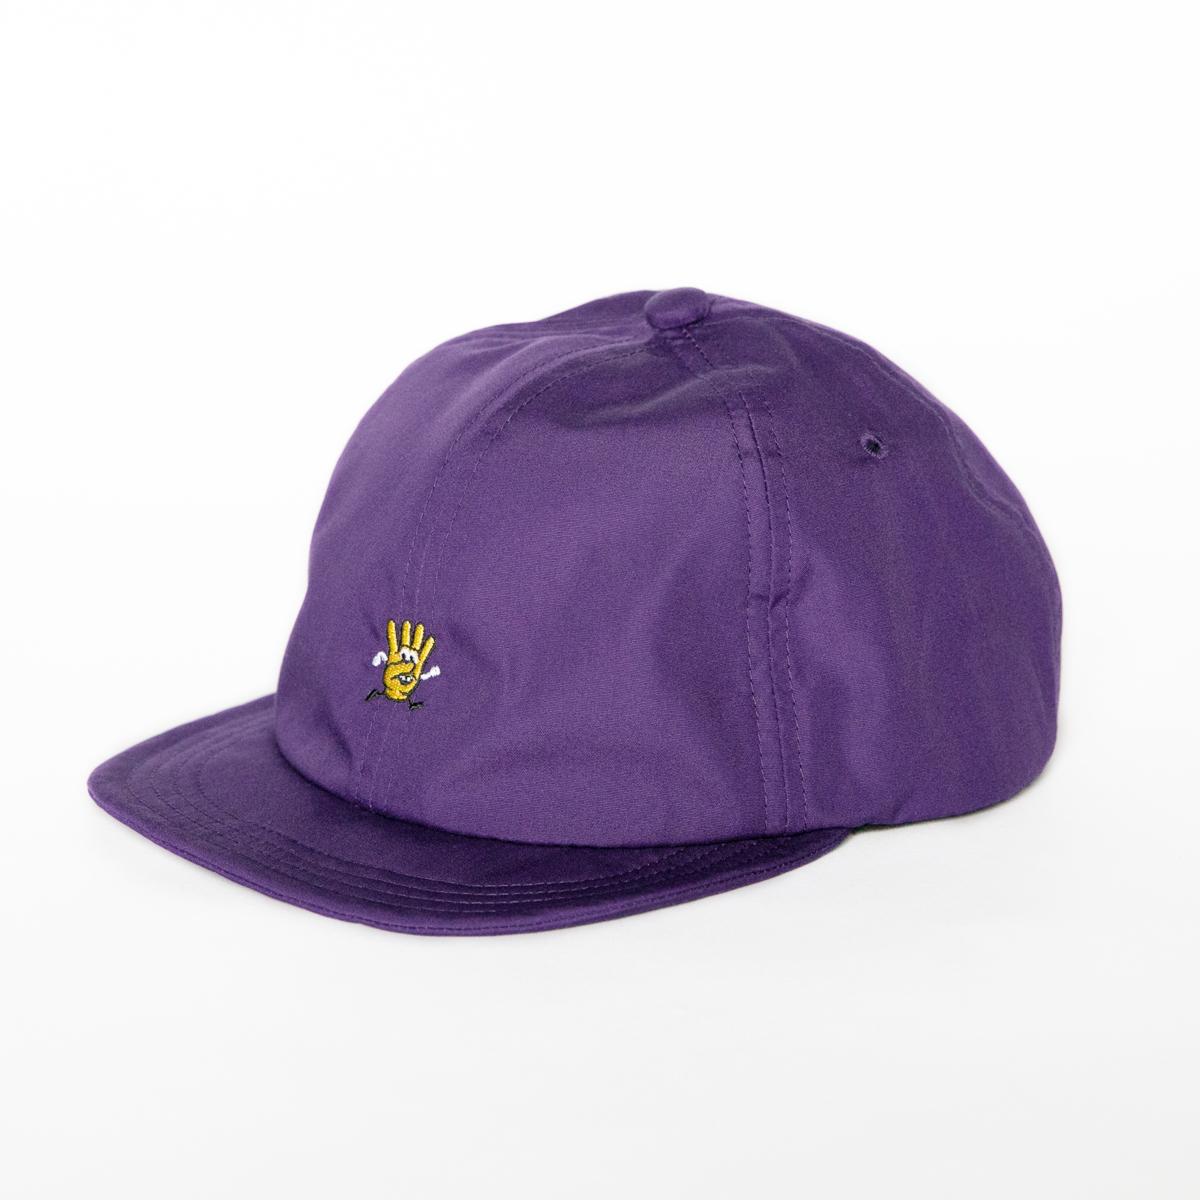 This is my cap C5